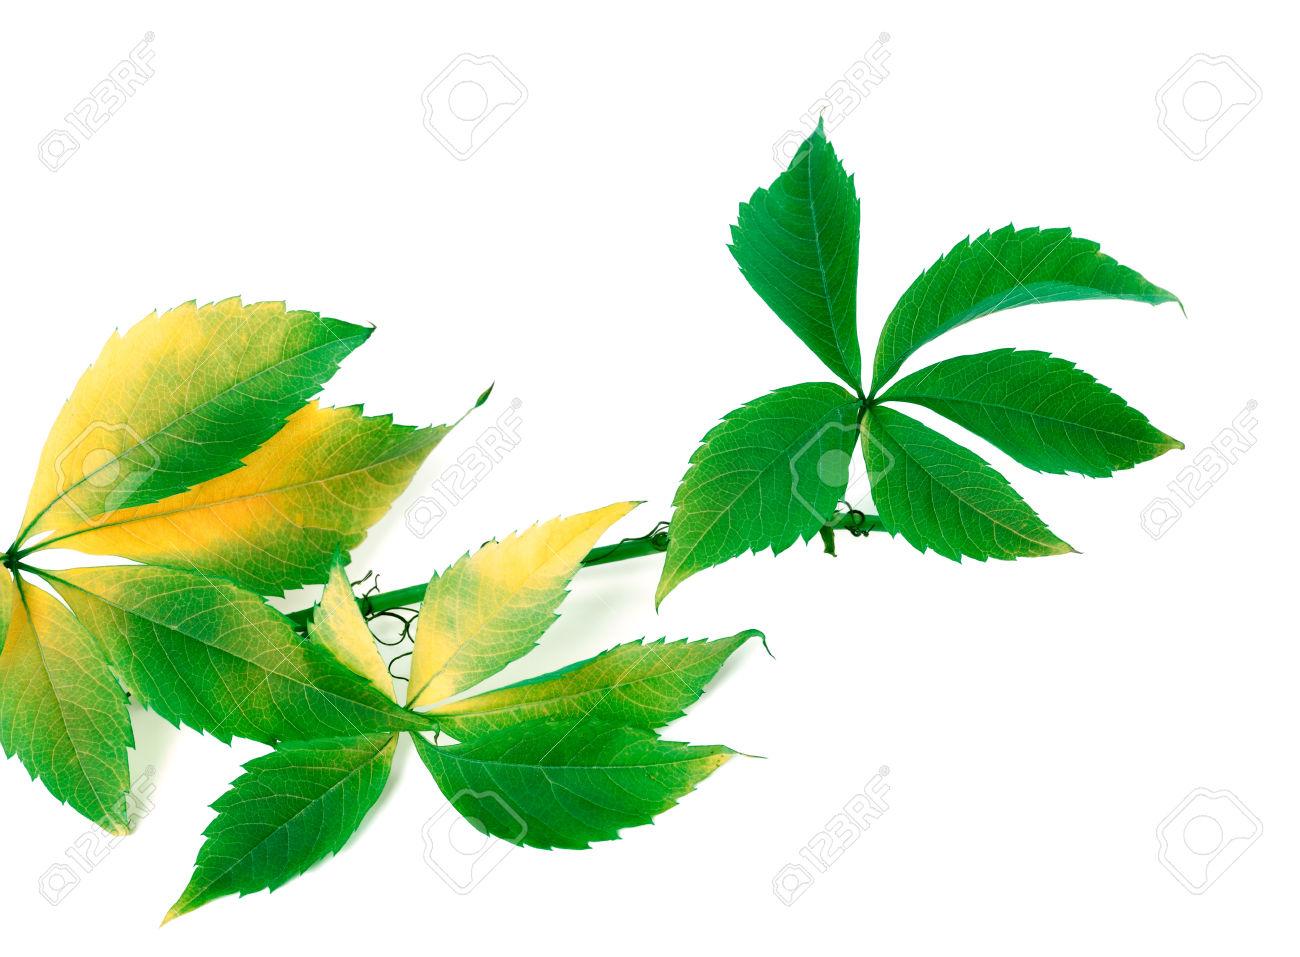 Sprig Of Grapes Leaves (Parthenocissus Quinquefolia Foliage.